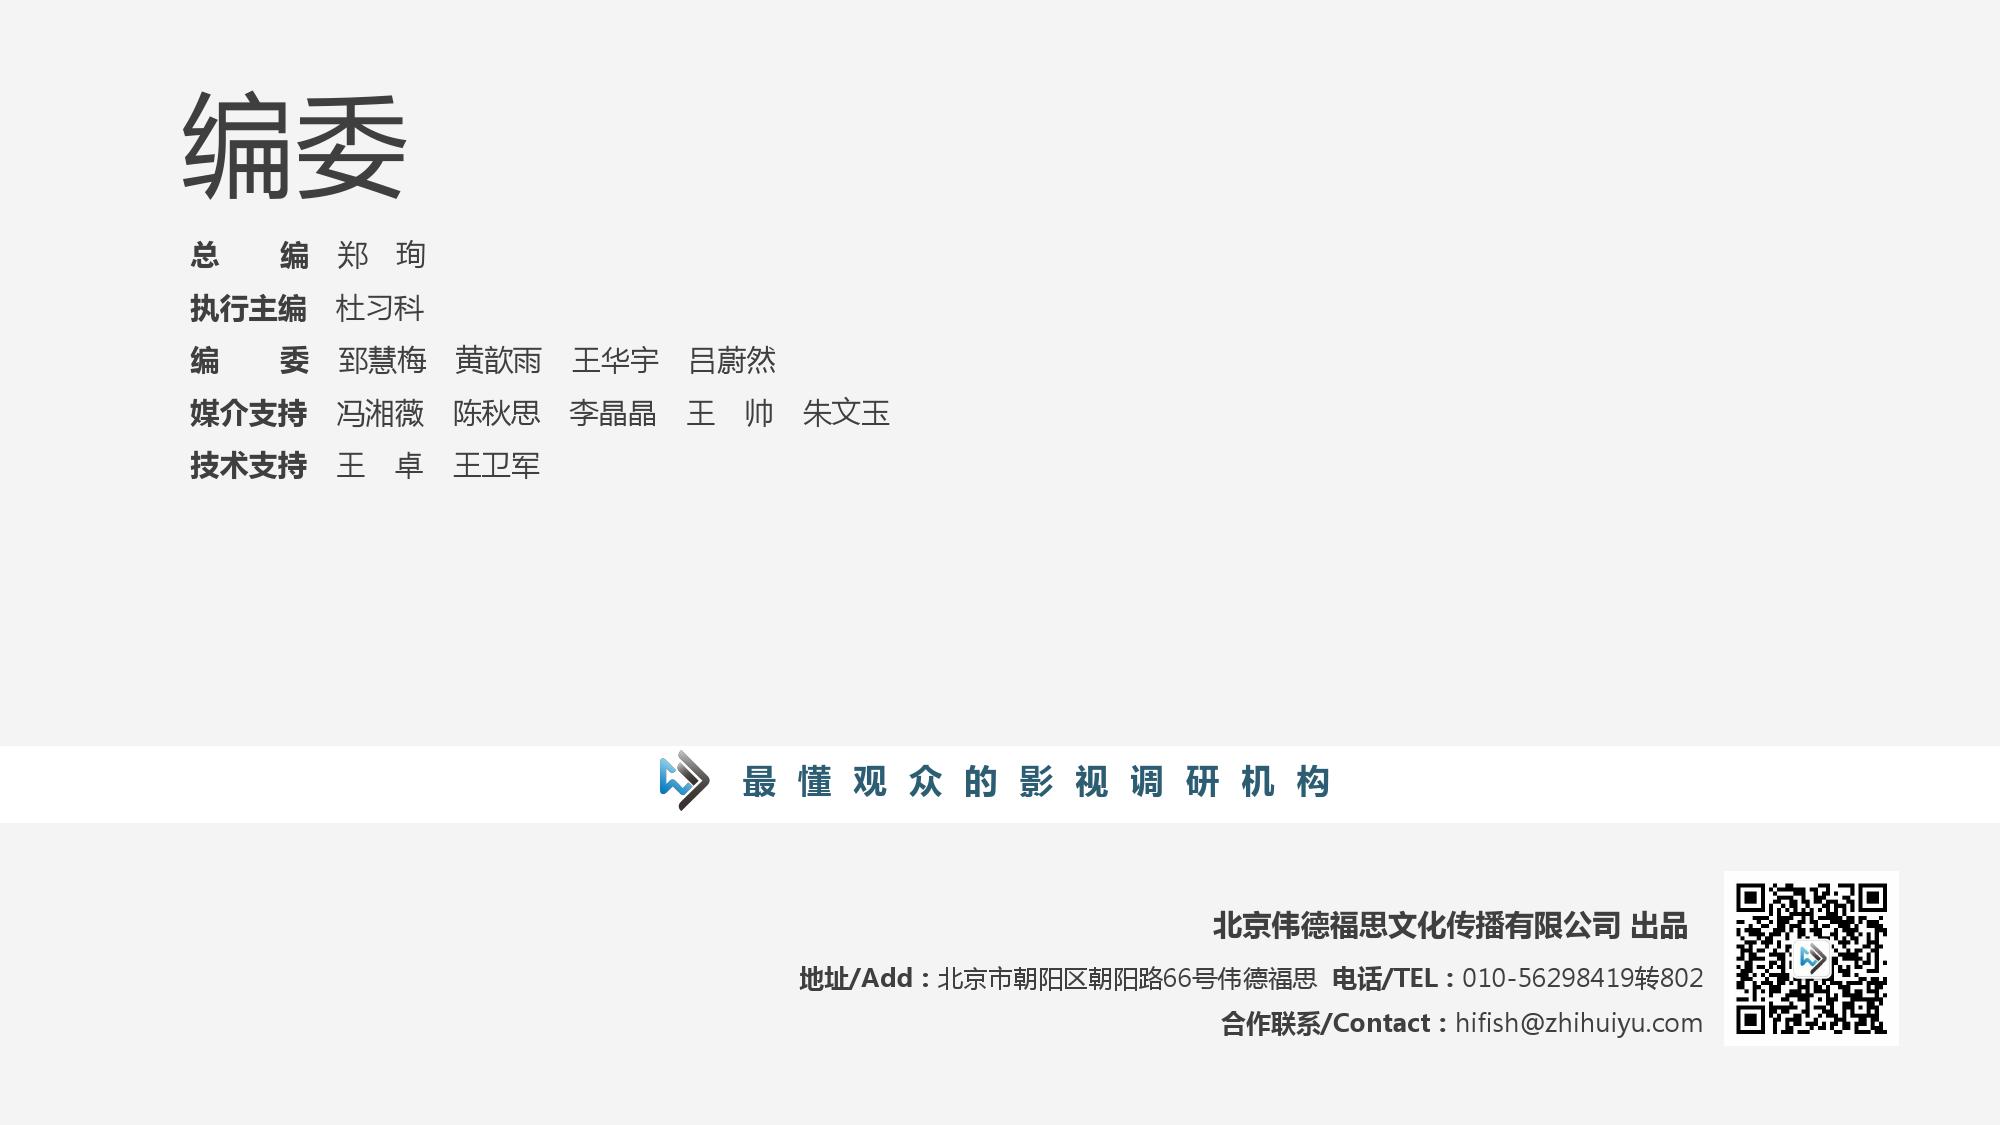 2015年度中国电影产业报告_000117